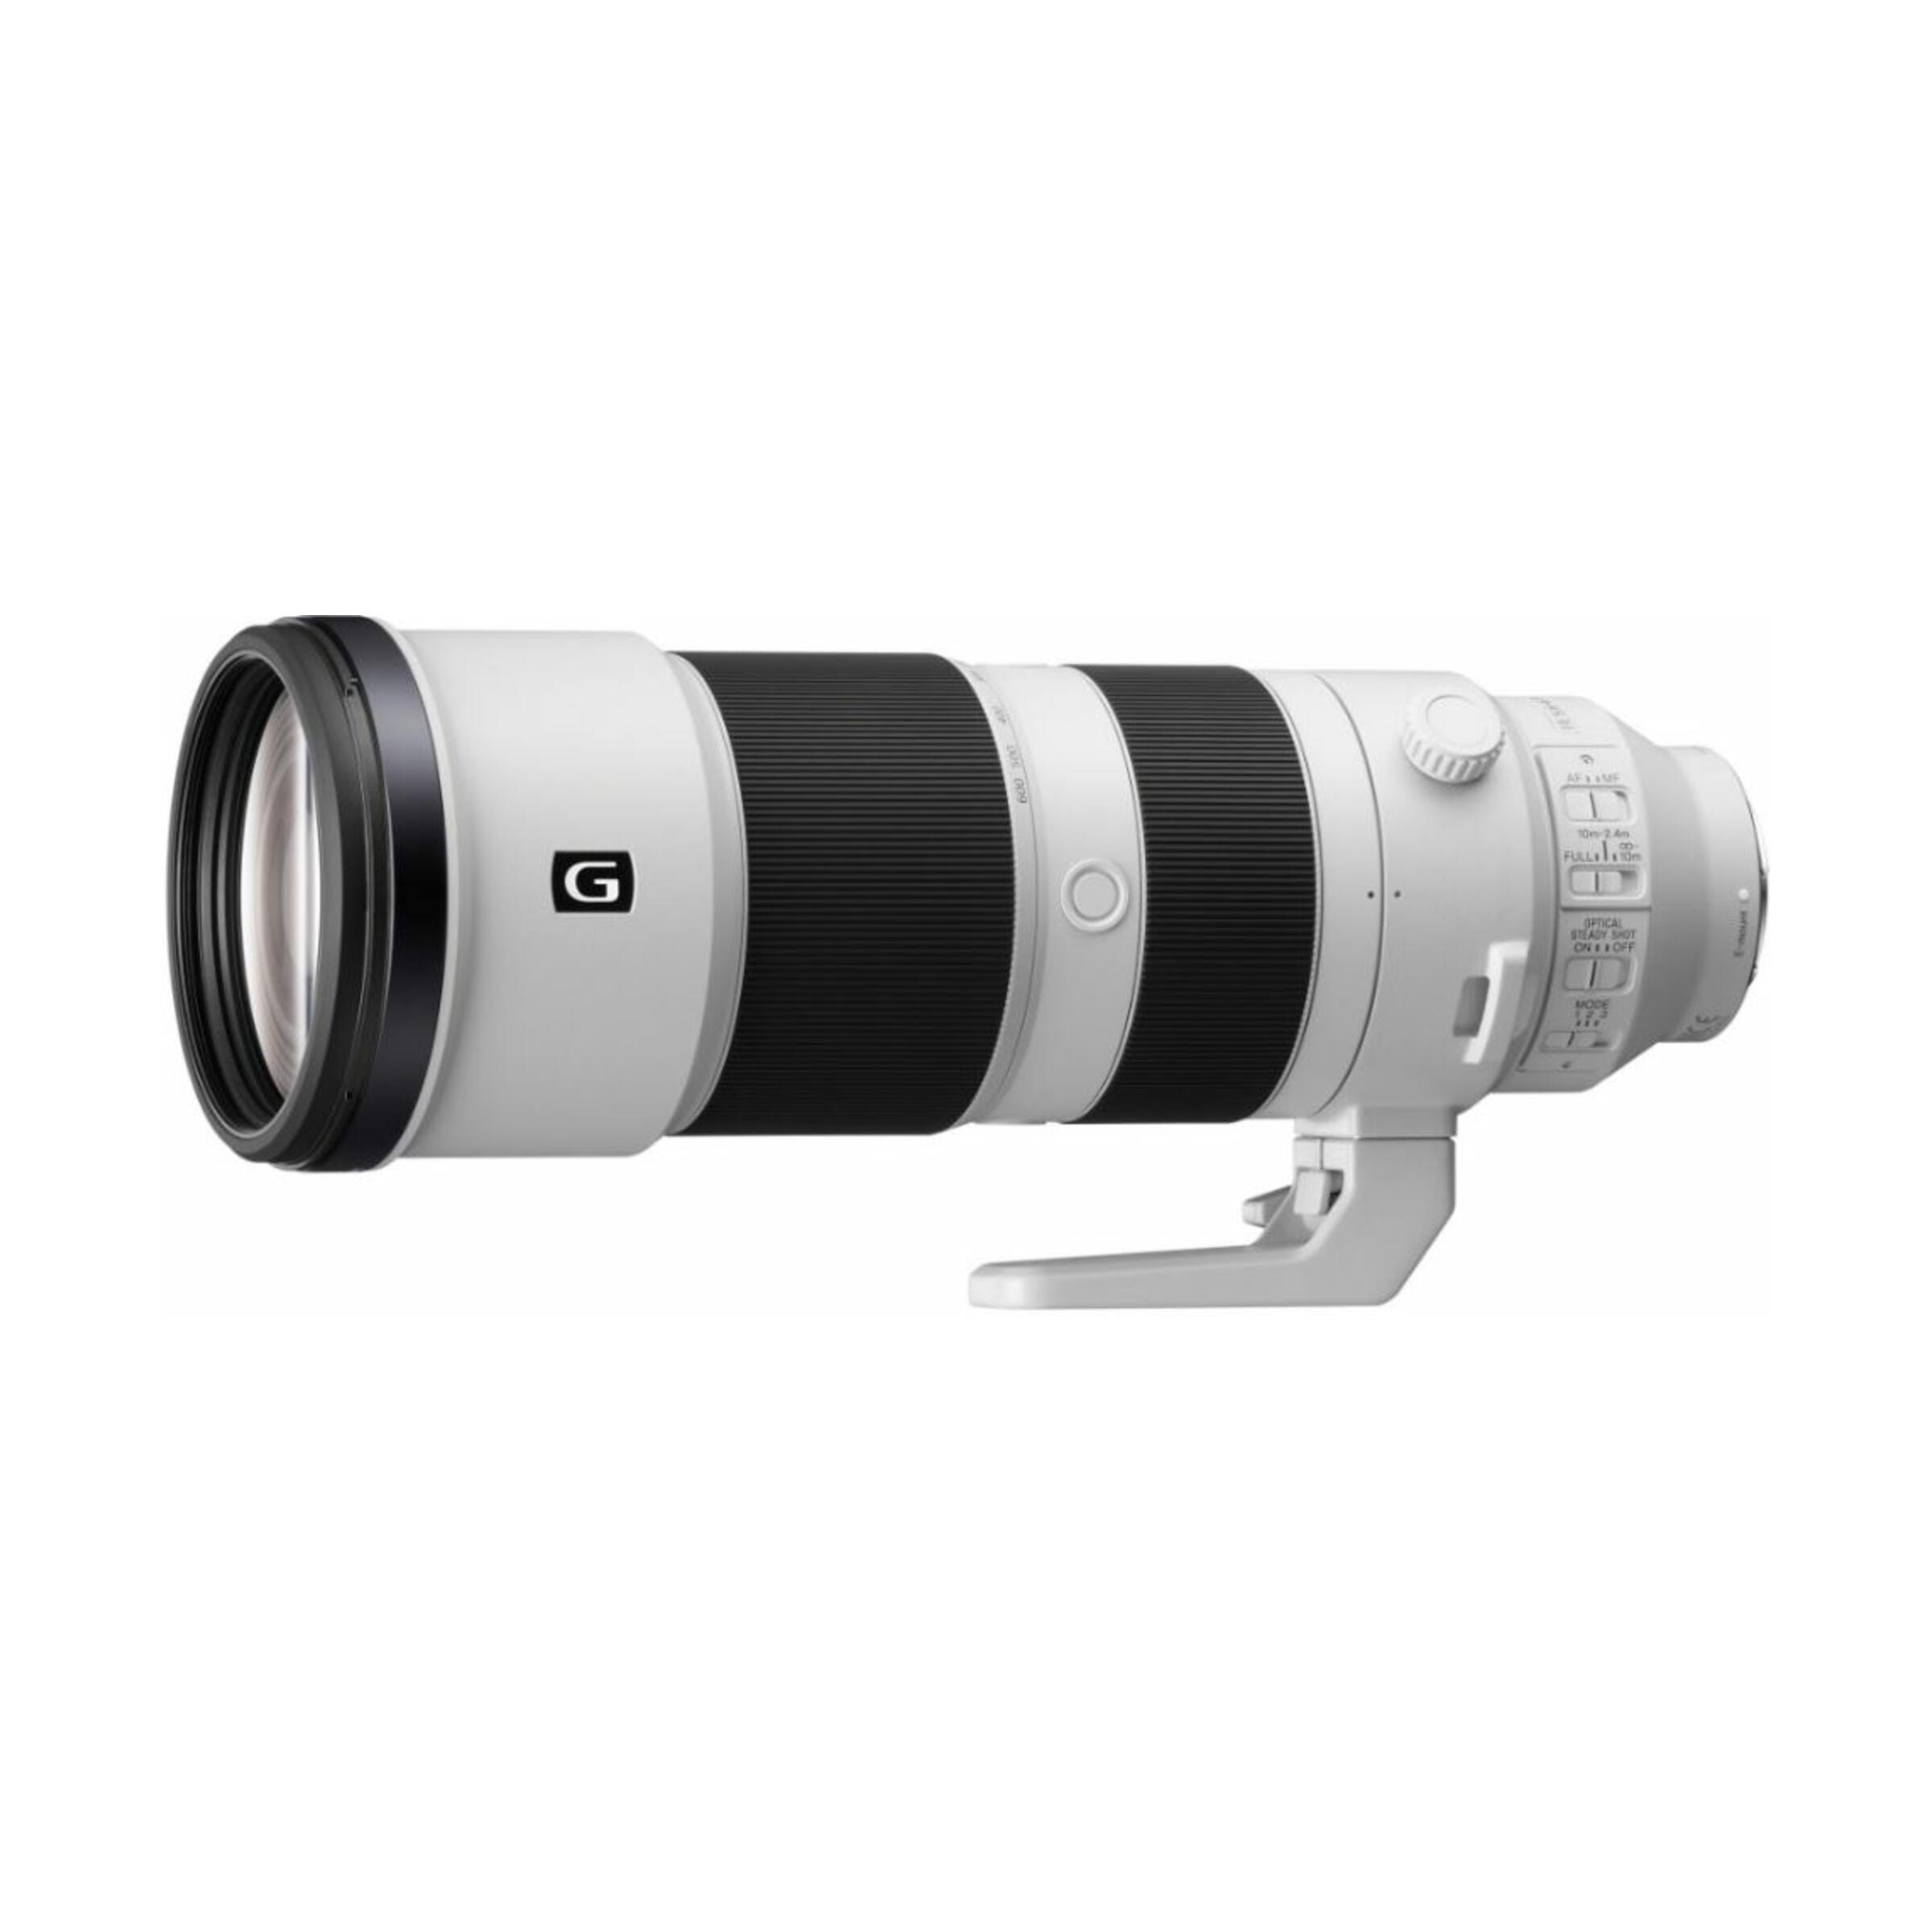 Sony FE 200-600mm f/5,6-6,3 G OSS